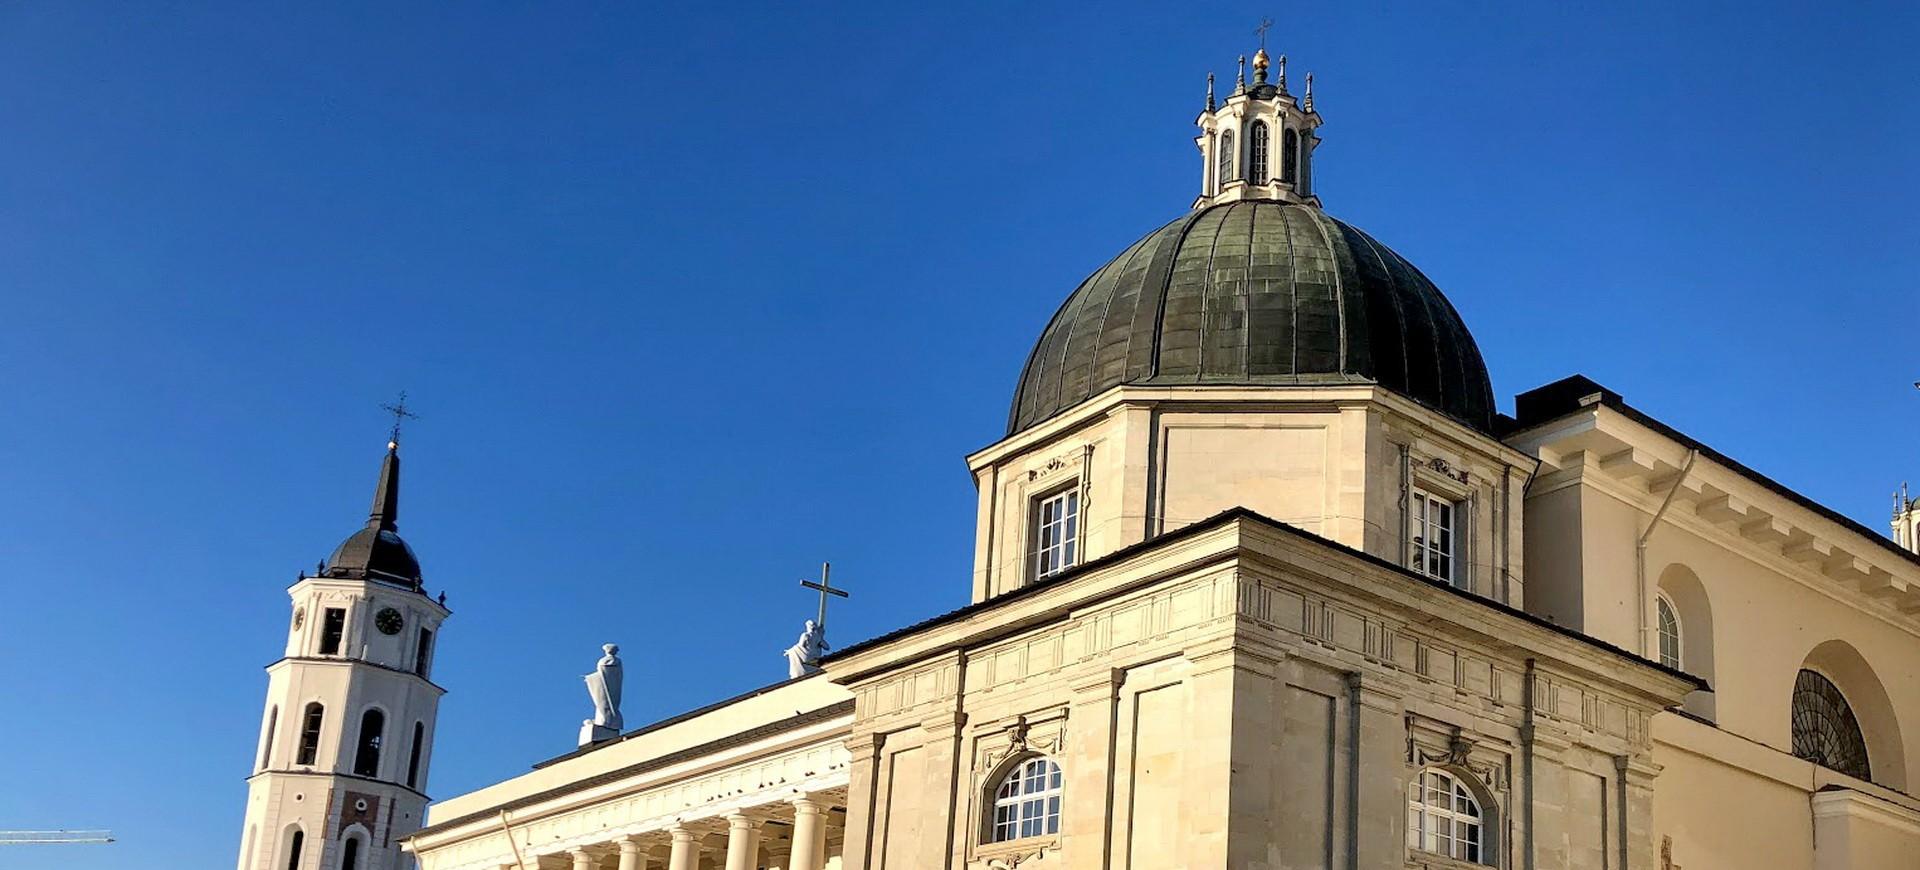 Pays Baltes Lituanie Vilnius Eglise